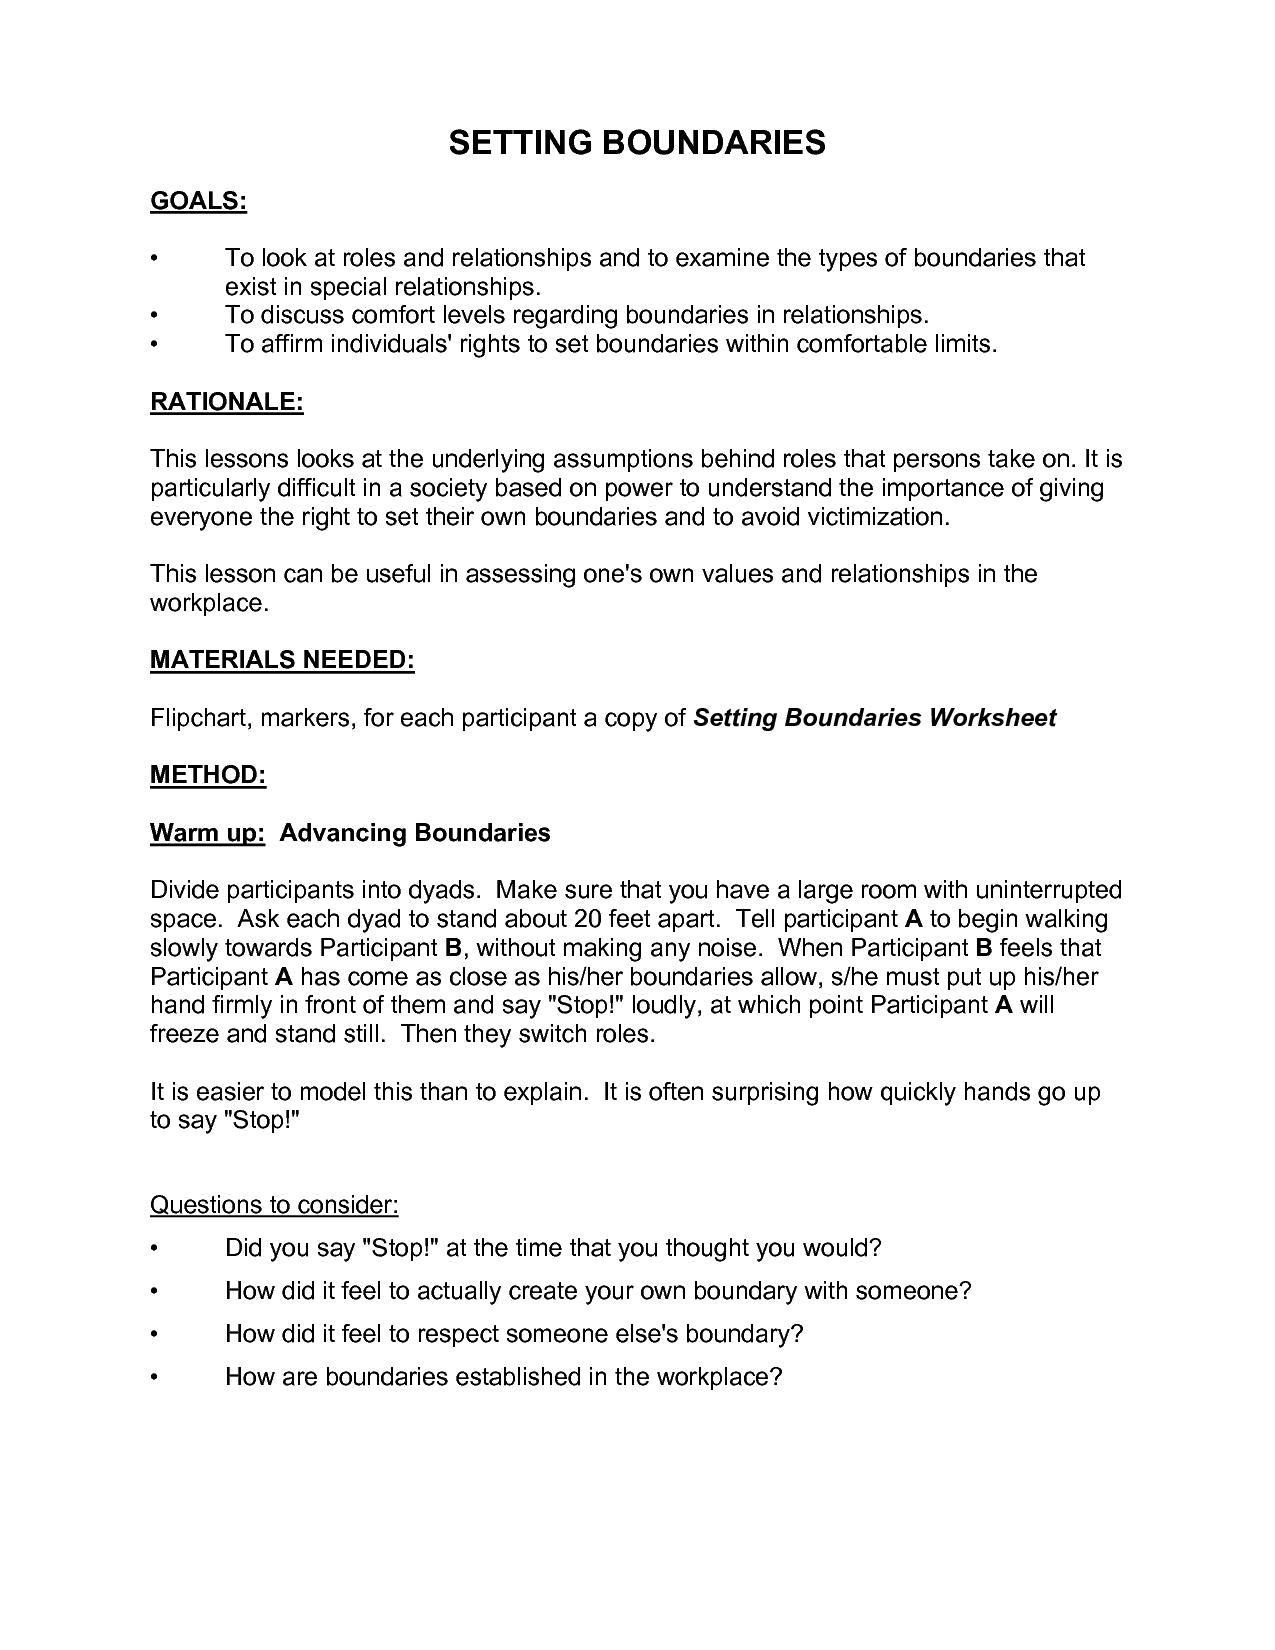 Healthyboundariesworksheet Boundaries Worksheet